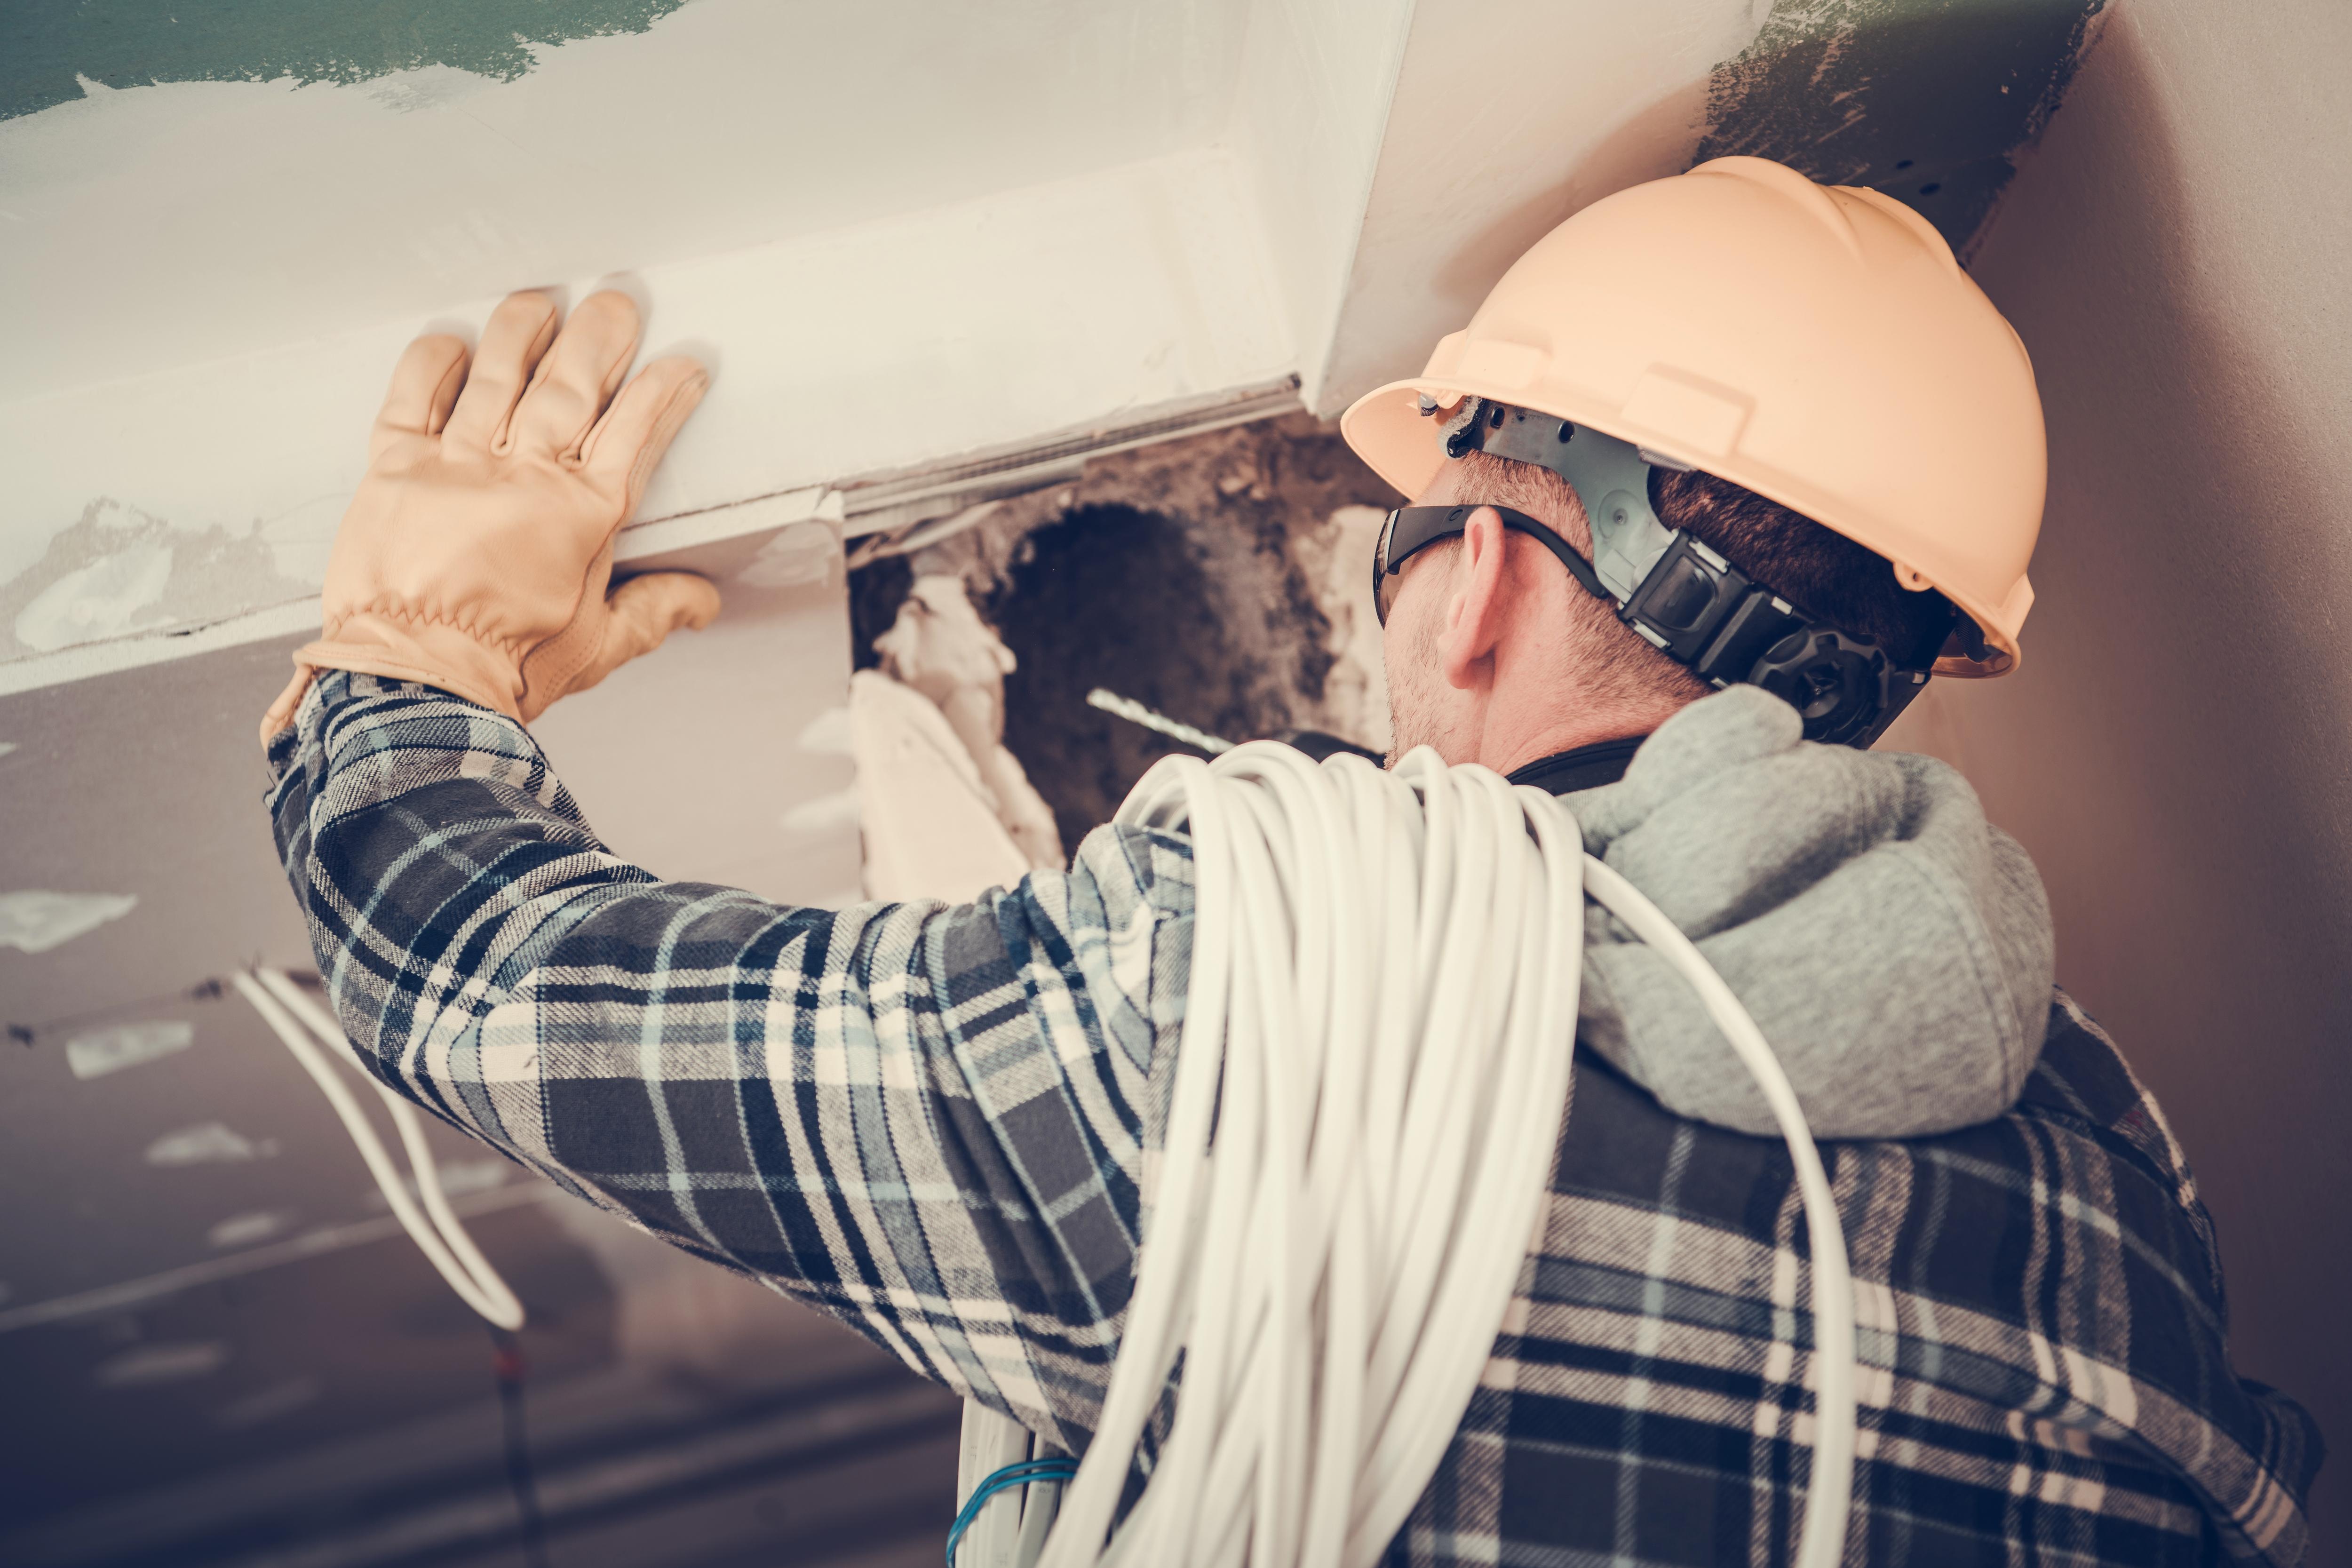 Mantenimiento de instalaciones eléctricas: aspectos clave a valorar